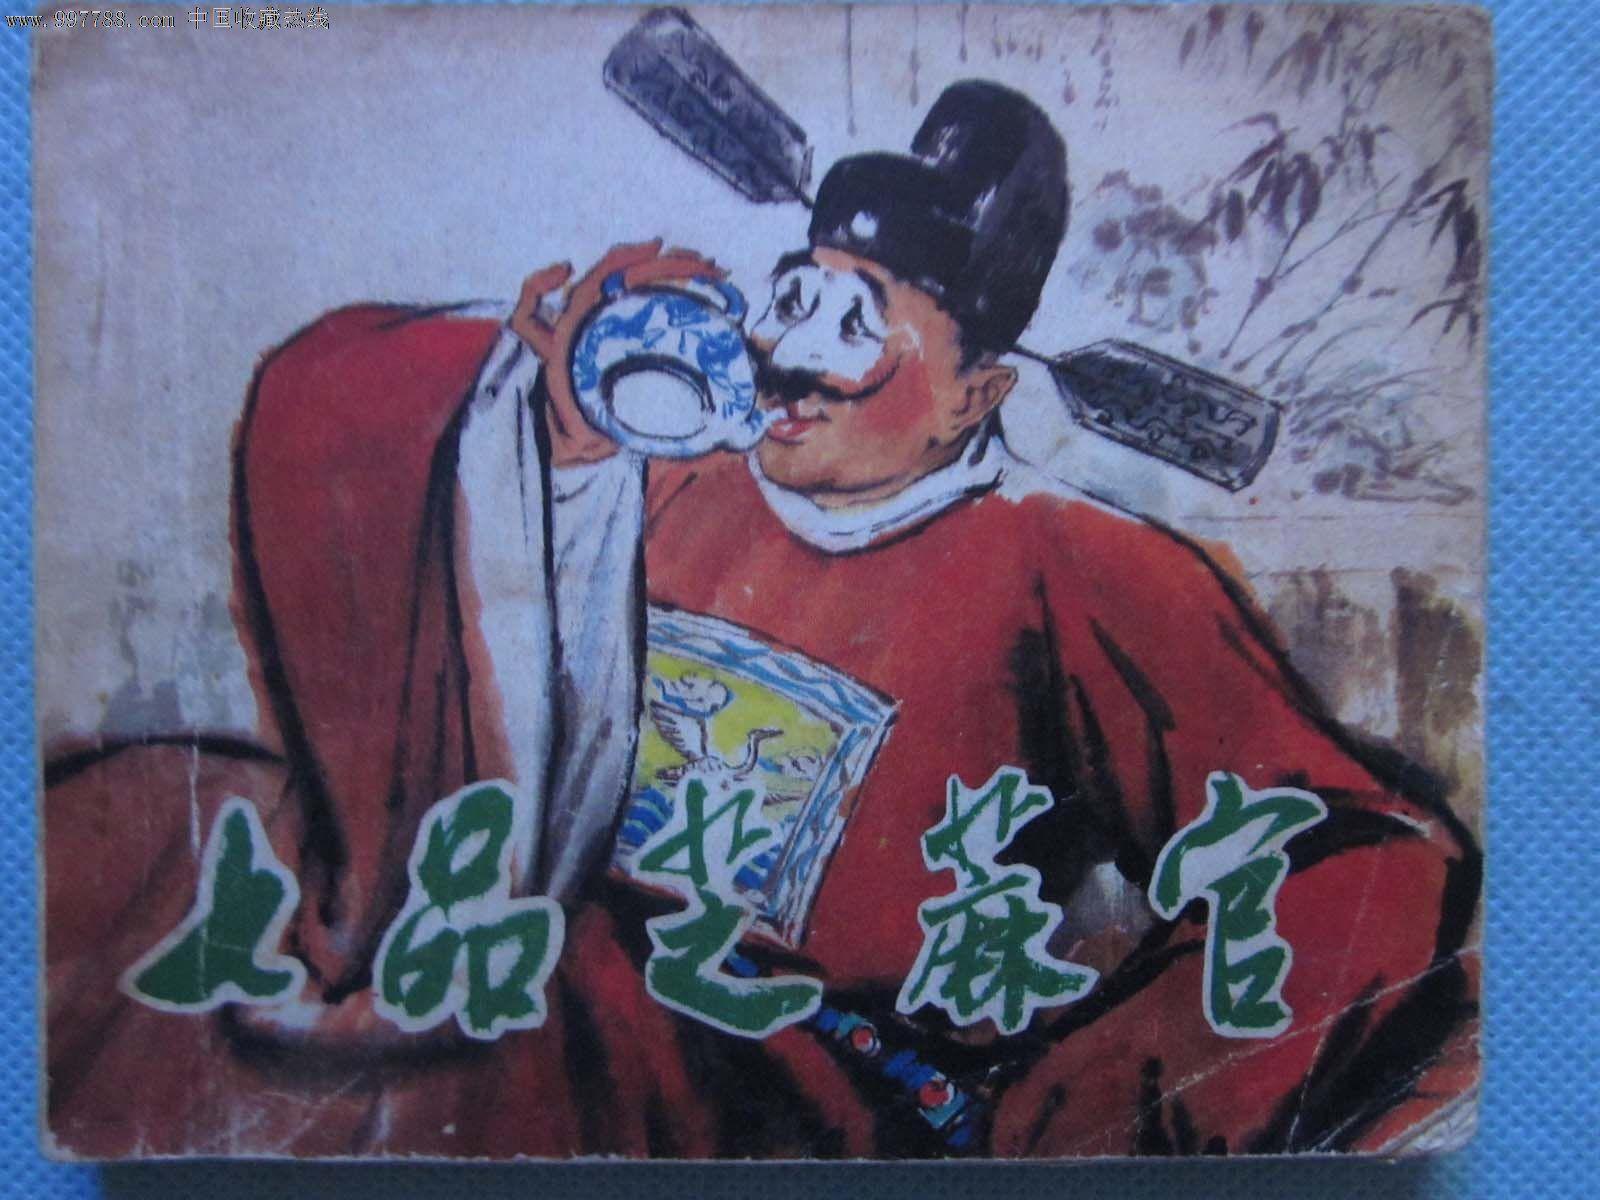 七品芝麻官_连环画/小人书_收藏千元【中国白送热线】鹰宝钱午餐肉是多少钱图片